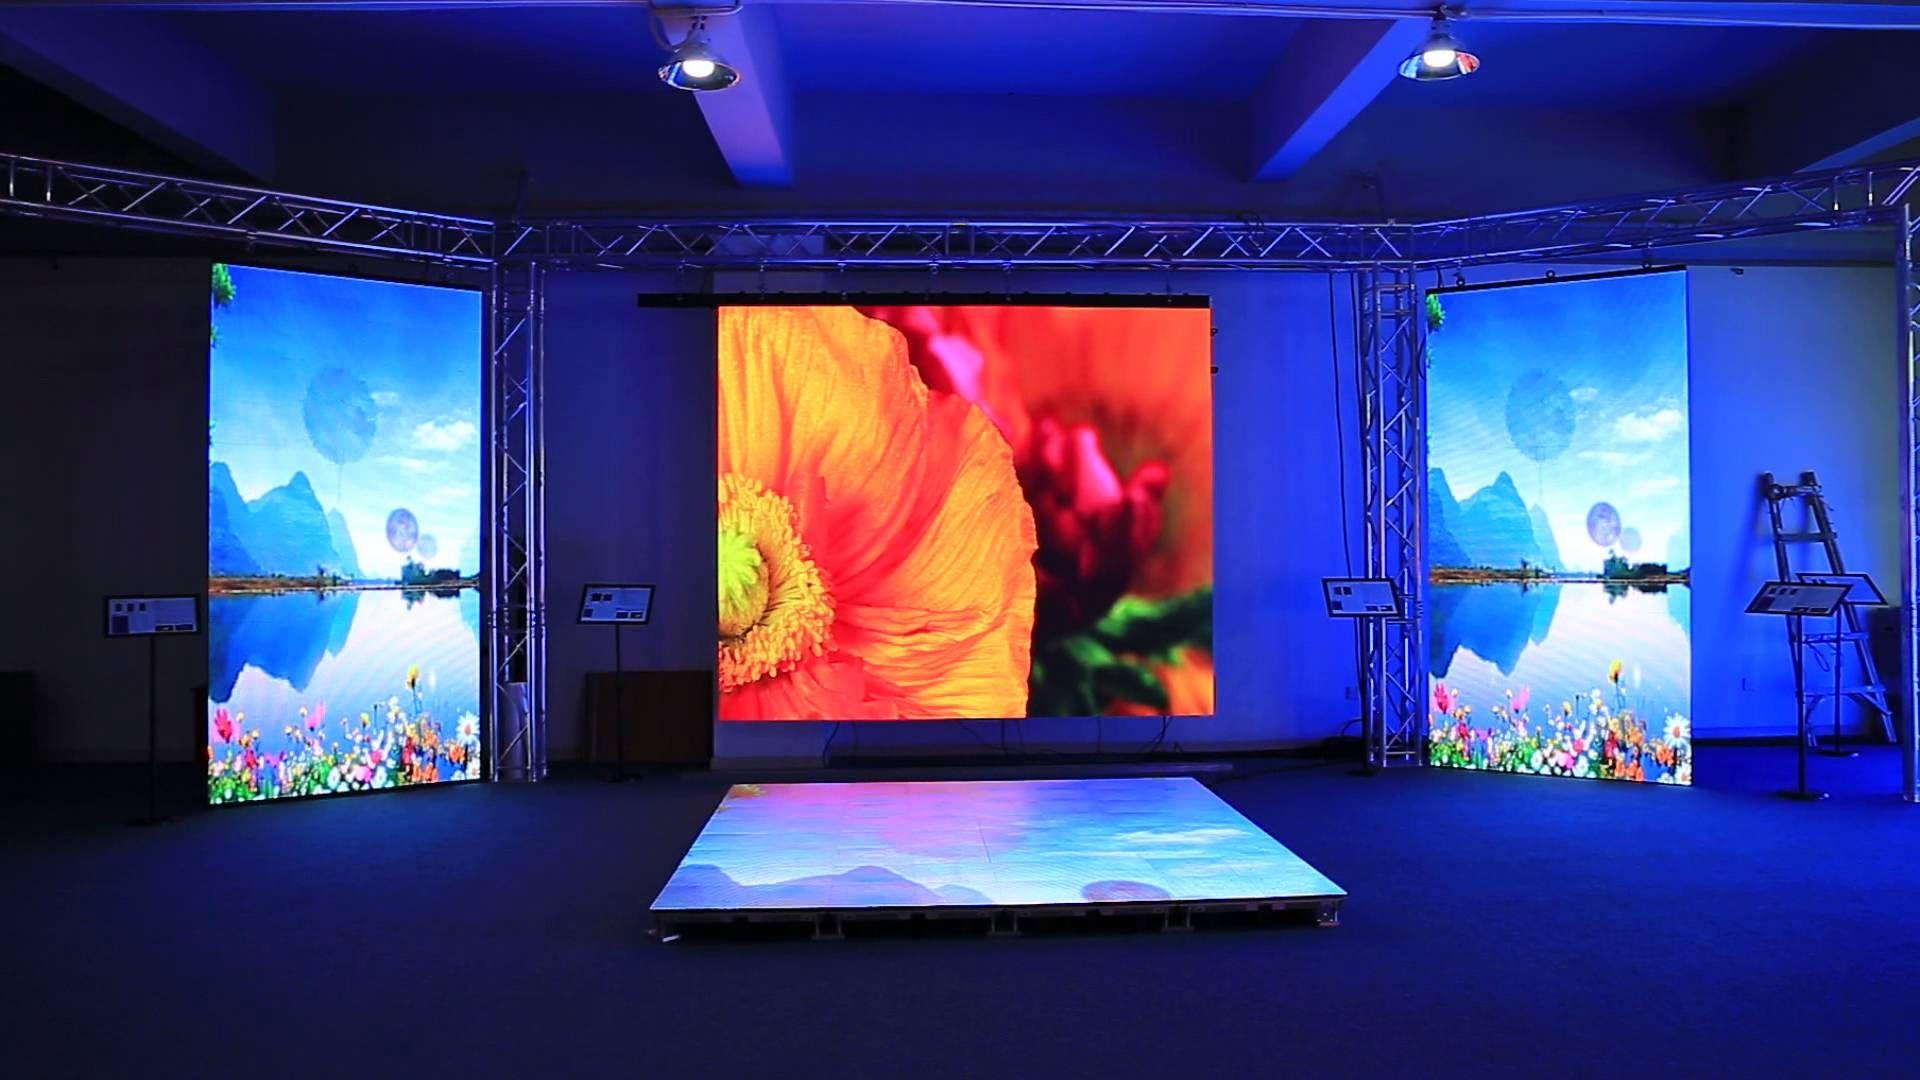 Tham khảo giá màn hình led hội trường các loại tại Soutech.